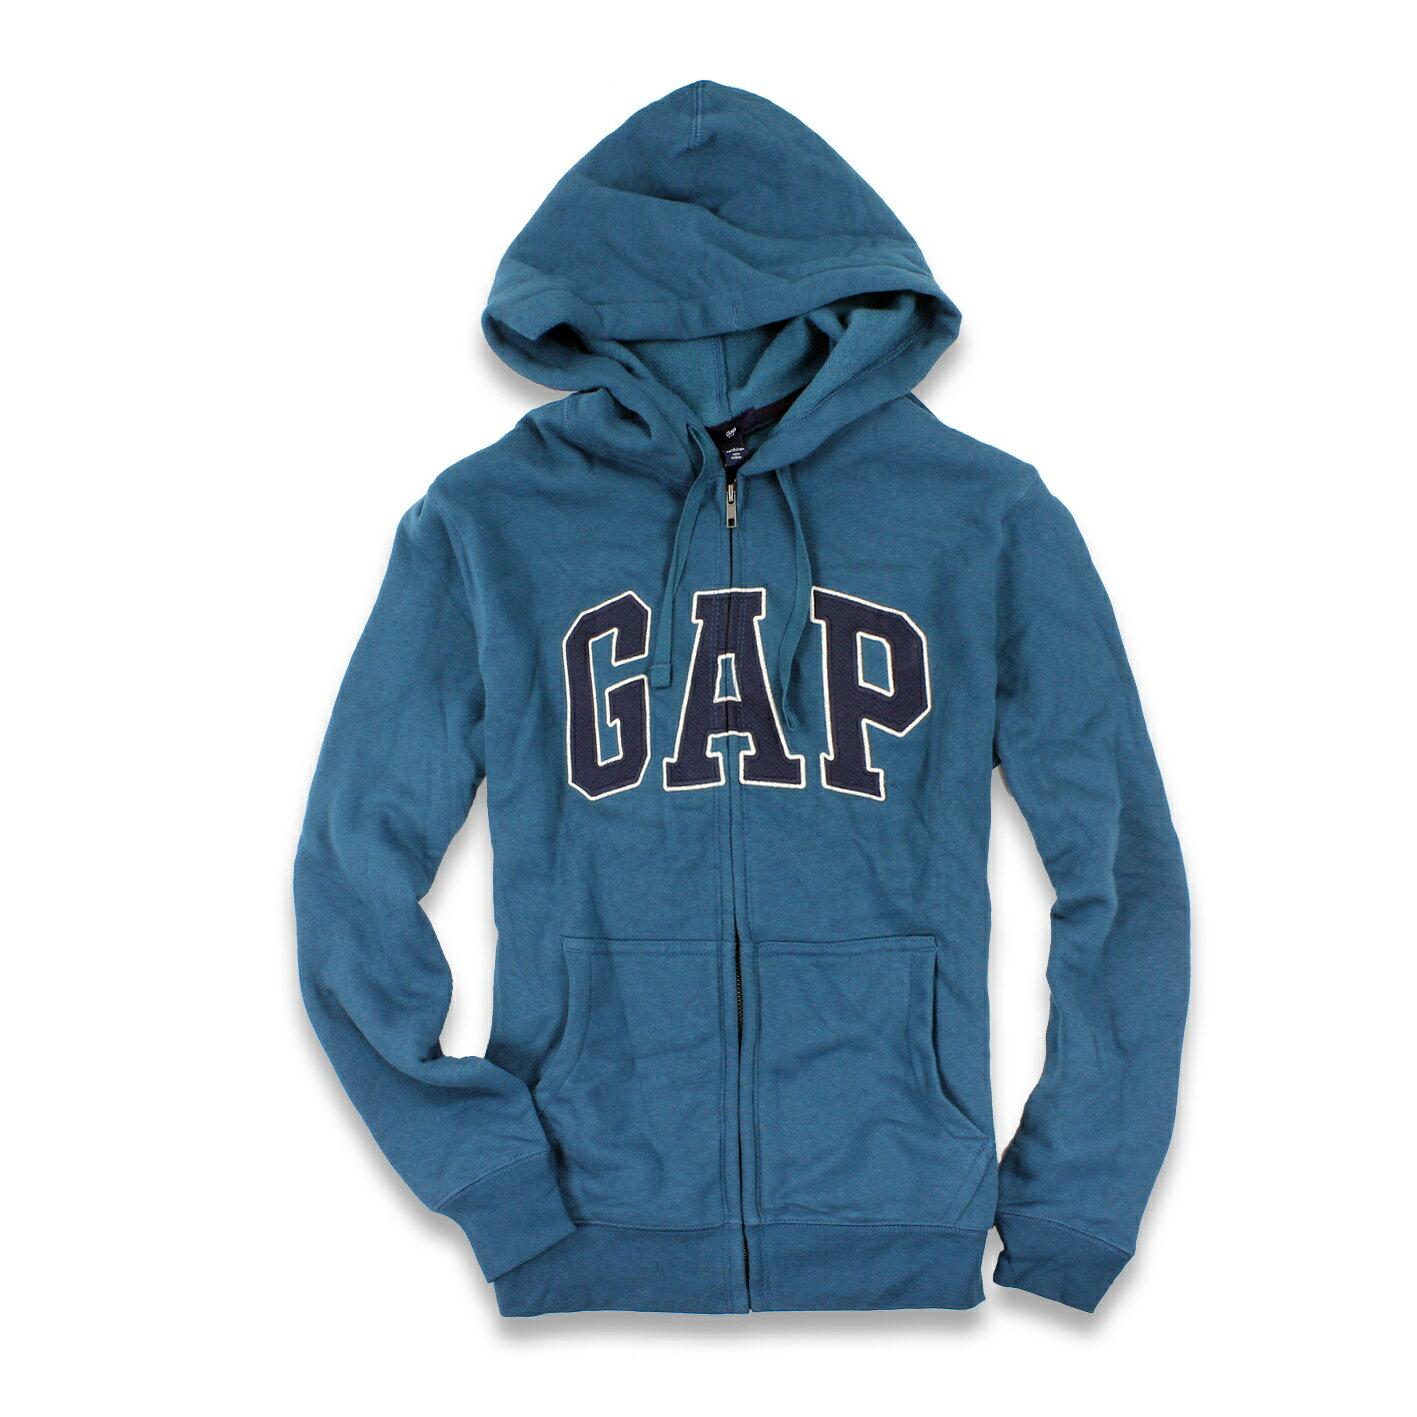 美國百分百【全新真品】GAP 外套 上衣 長袖 連帽 LOGO 貼布 刷毛 青藍色 現貨 男 XS S號 E927